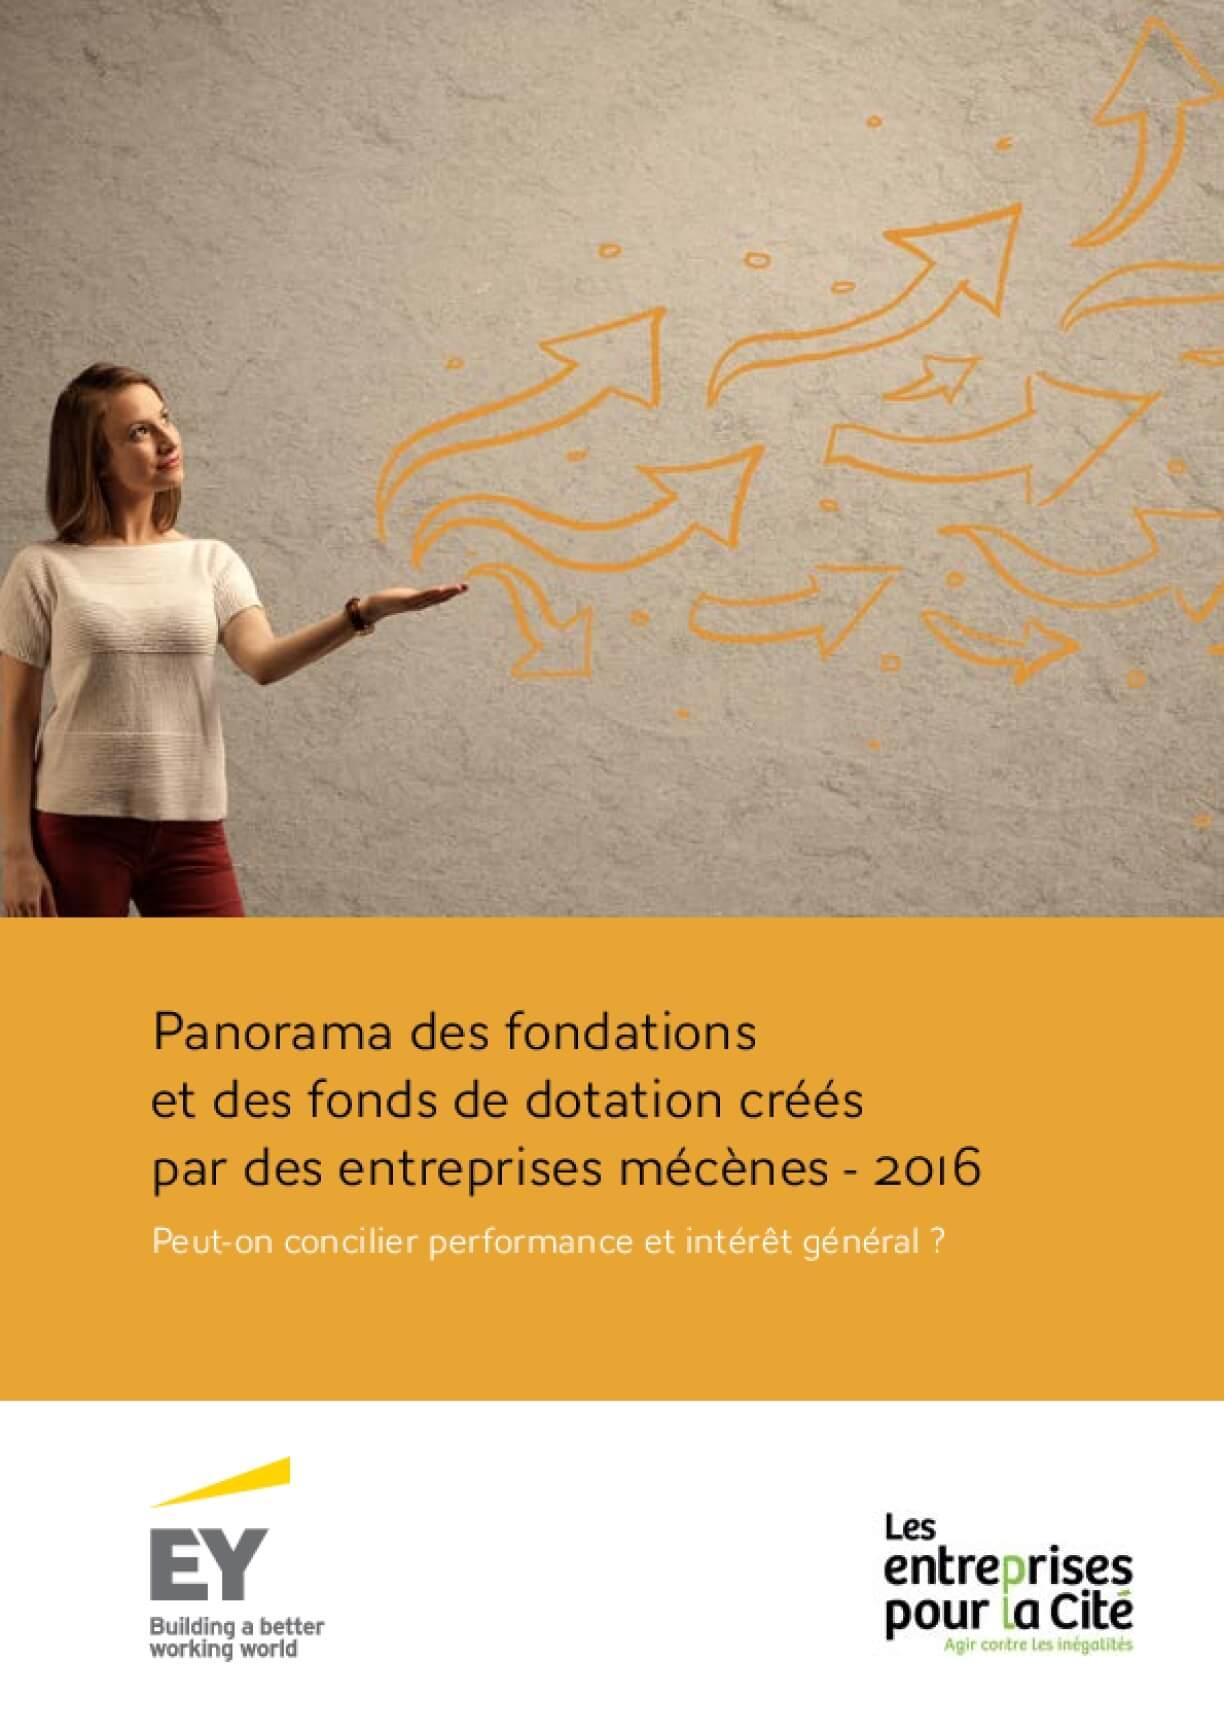 Panorama des fondations et des fonds de dotation créés par des entreprises mécènes - 2016